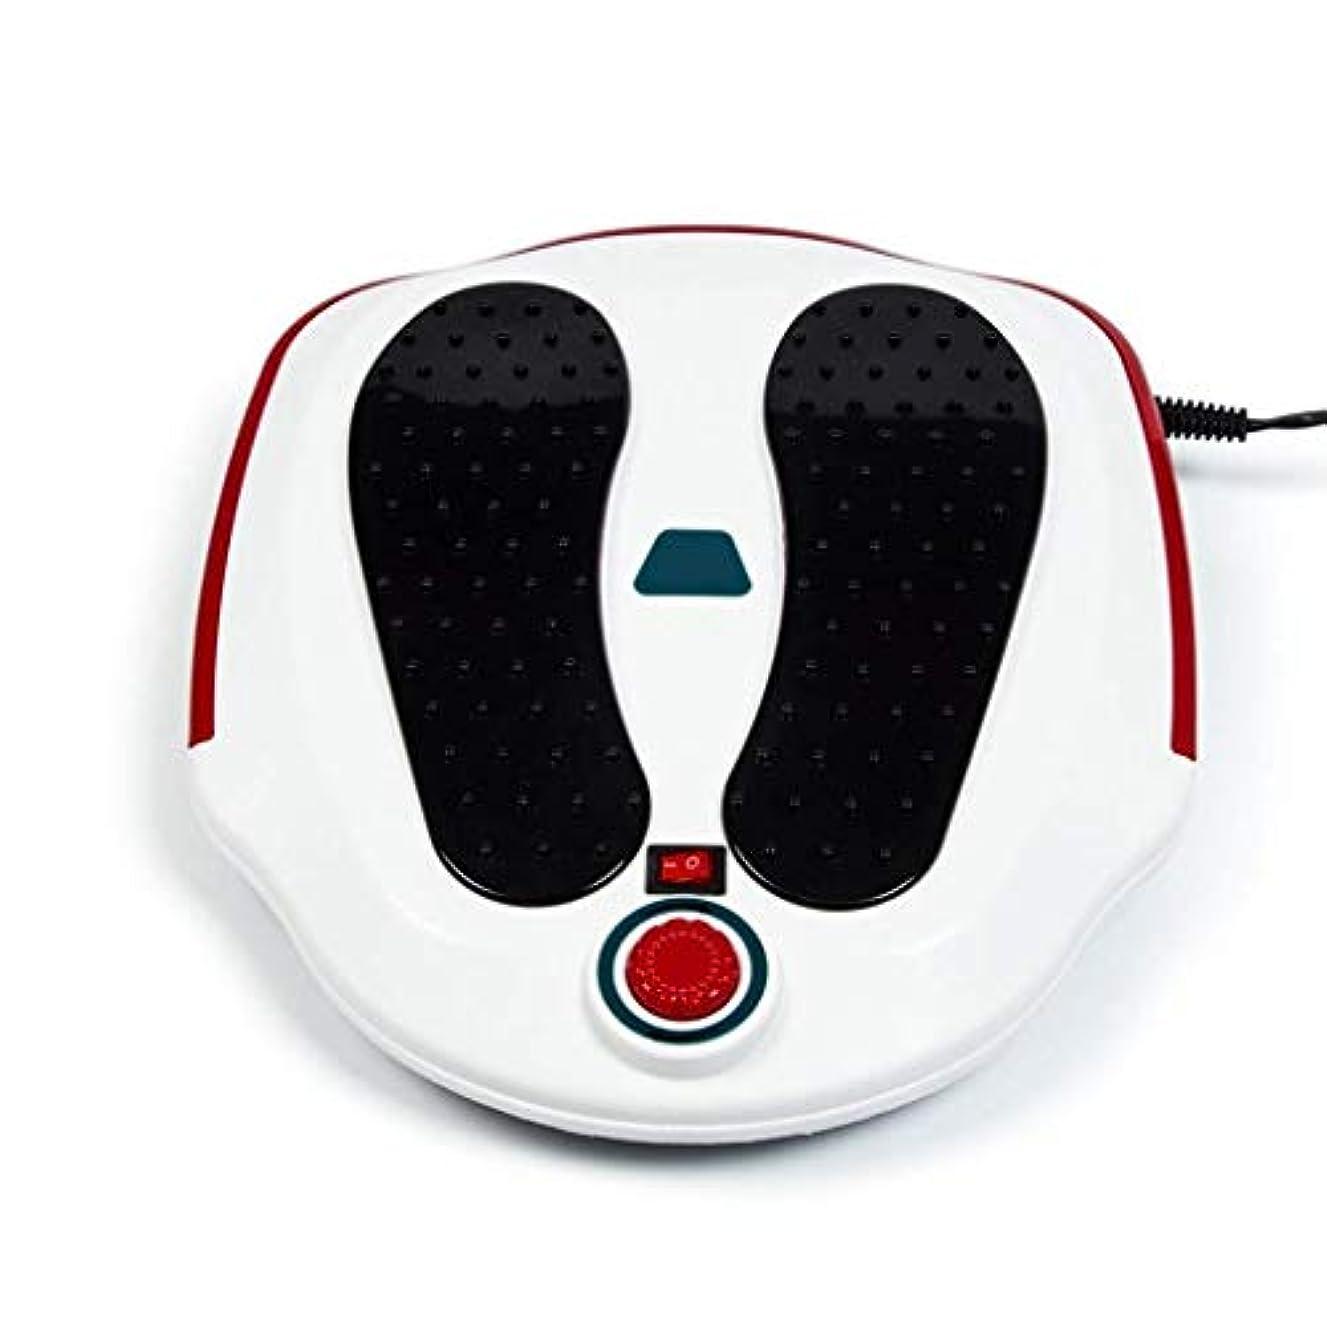 百万曲がったセクションスモールフットマッサージャー、電動足循環マッサージャー、足/ふくらはぎの脚の血液循環を促進し、フットマッサージポイント鍼治療リラクゼーション治療機器を加熱